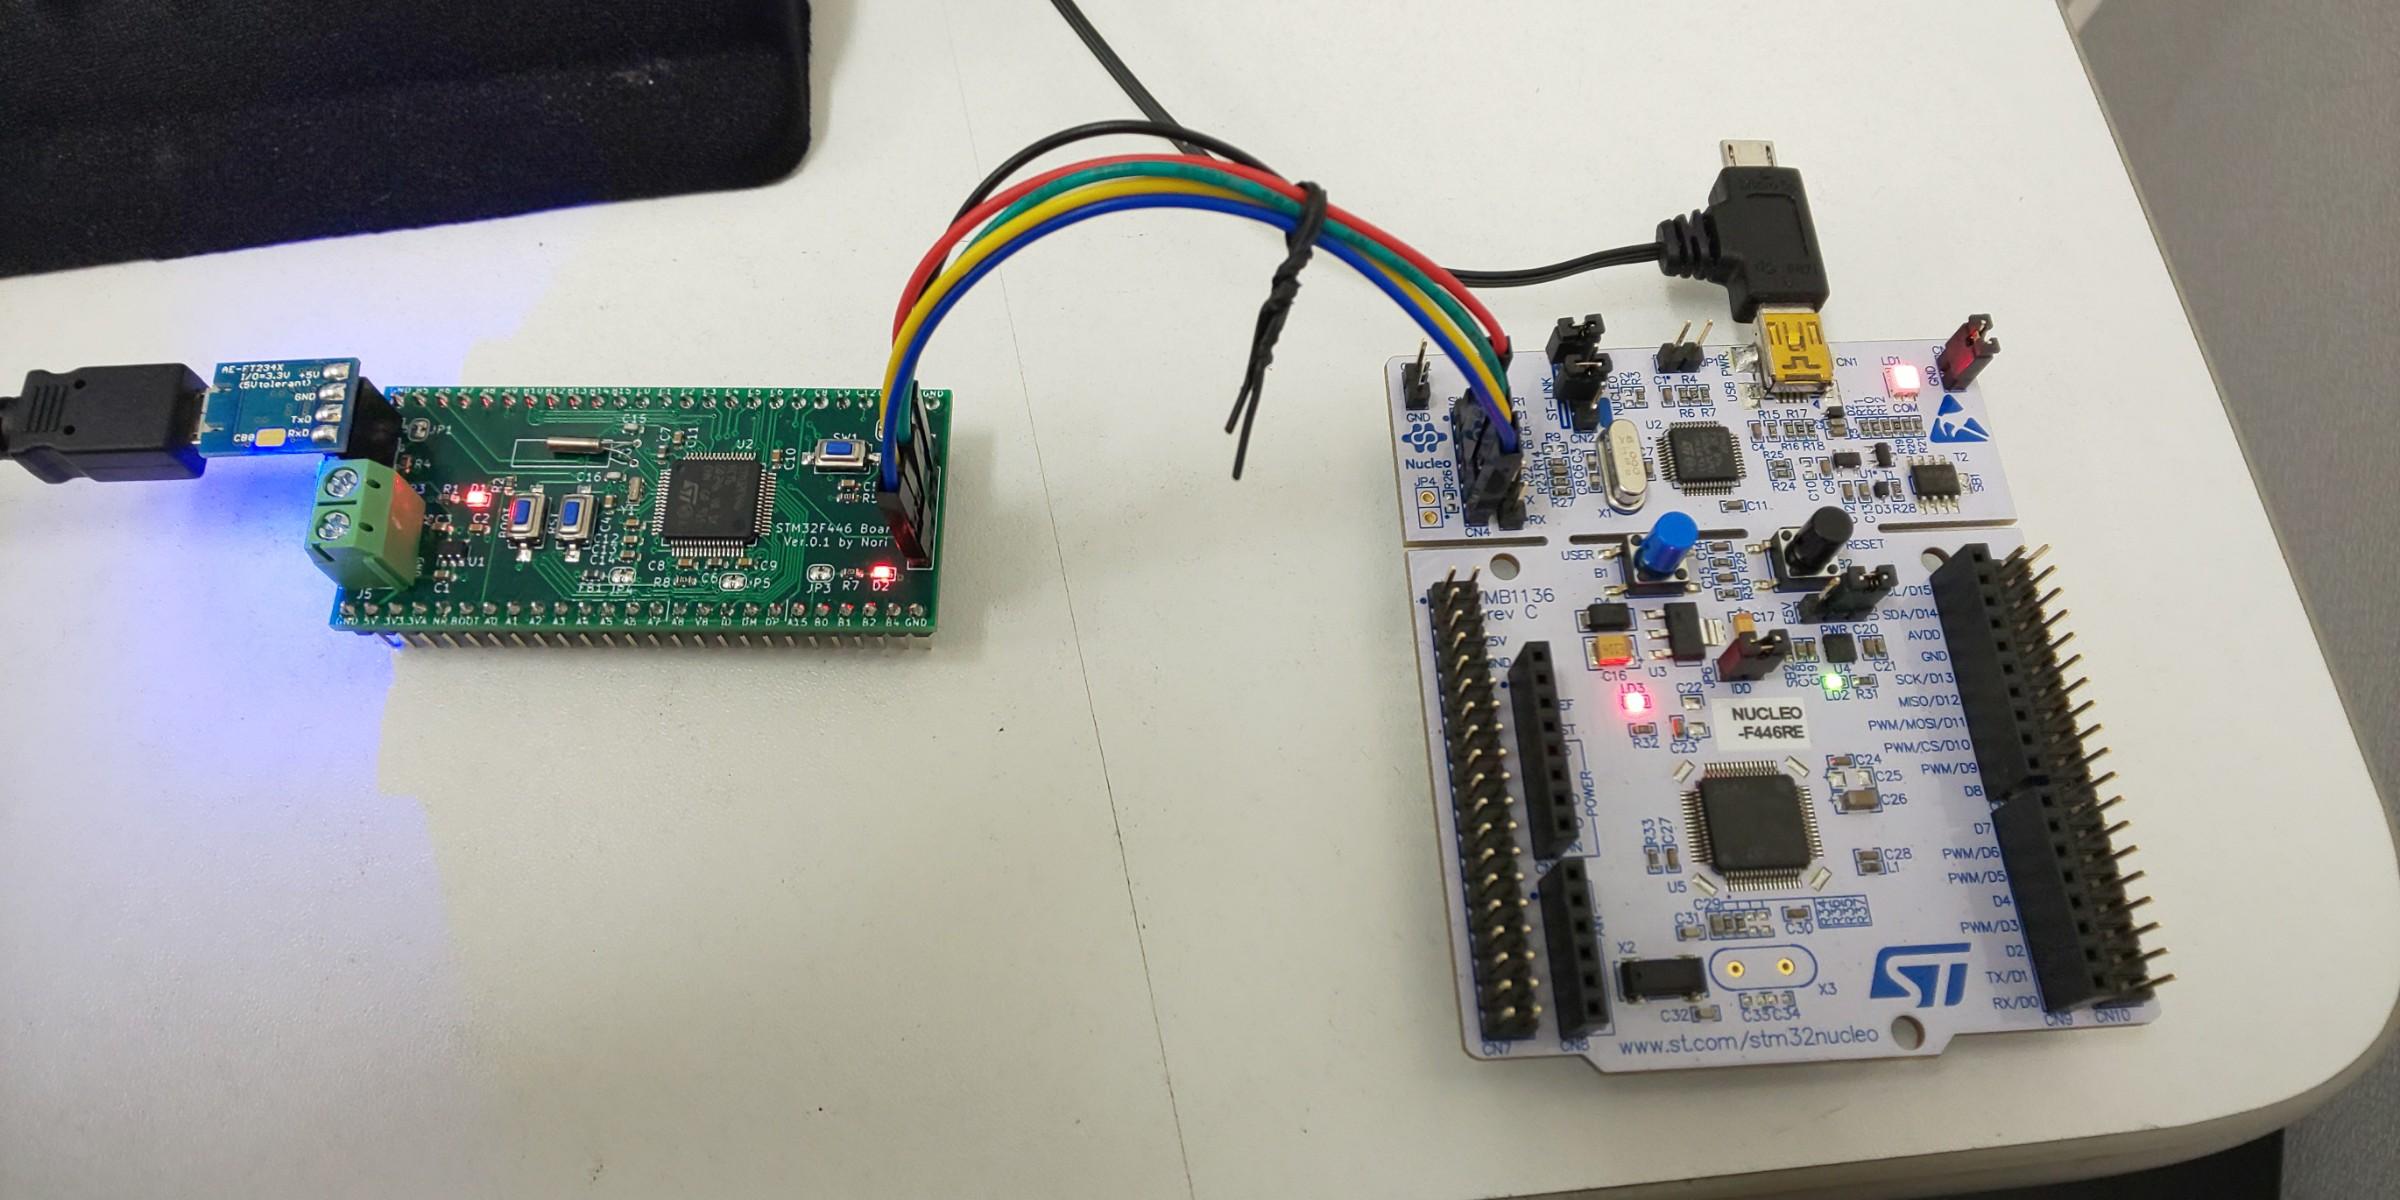 Nucleoに標準搭載されているST-LINKを使った書込み